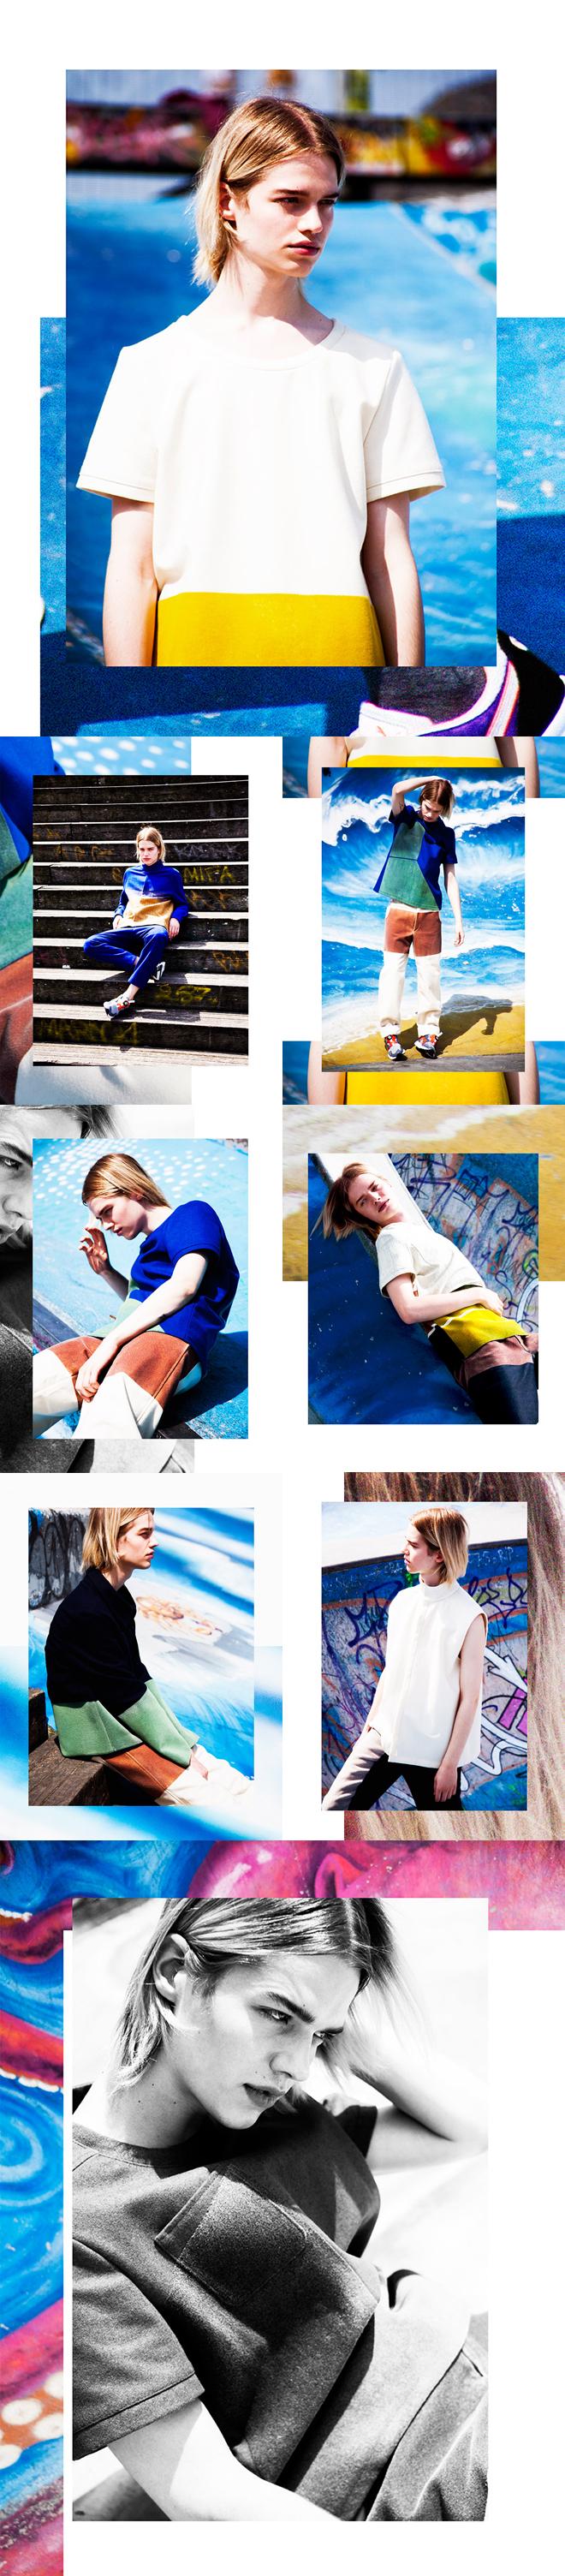 Fashion_Editorial_08_01